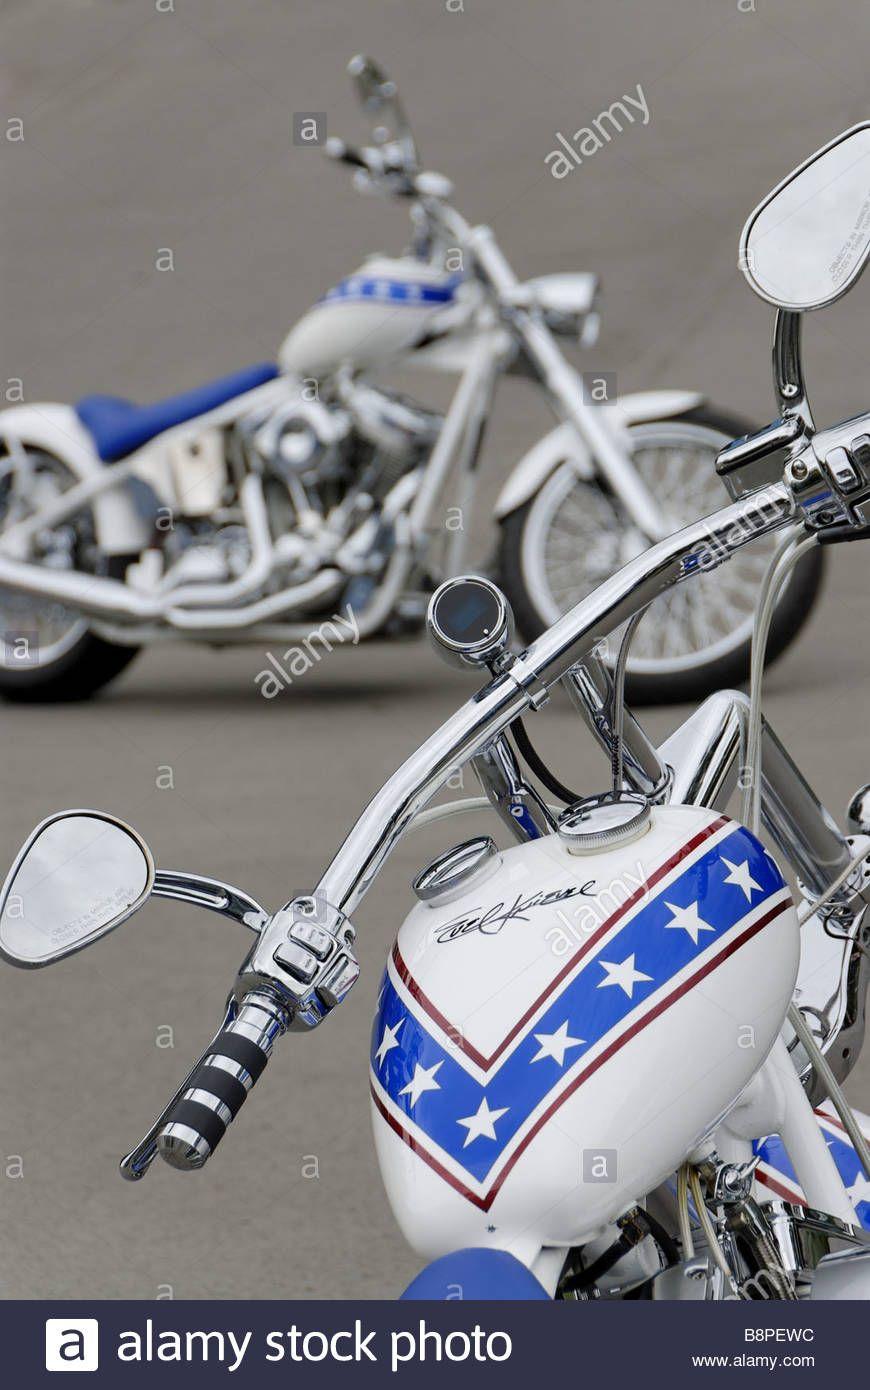 Pin On Motorcycle Tank Designs